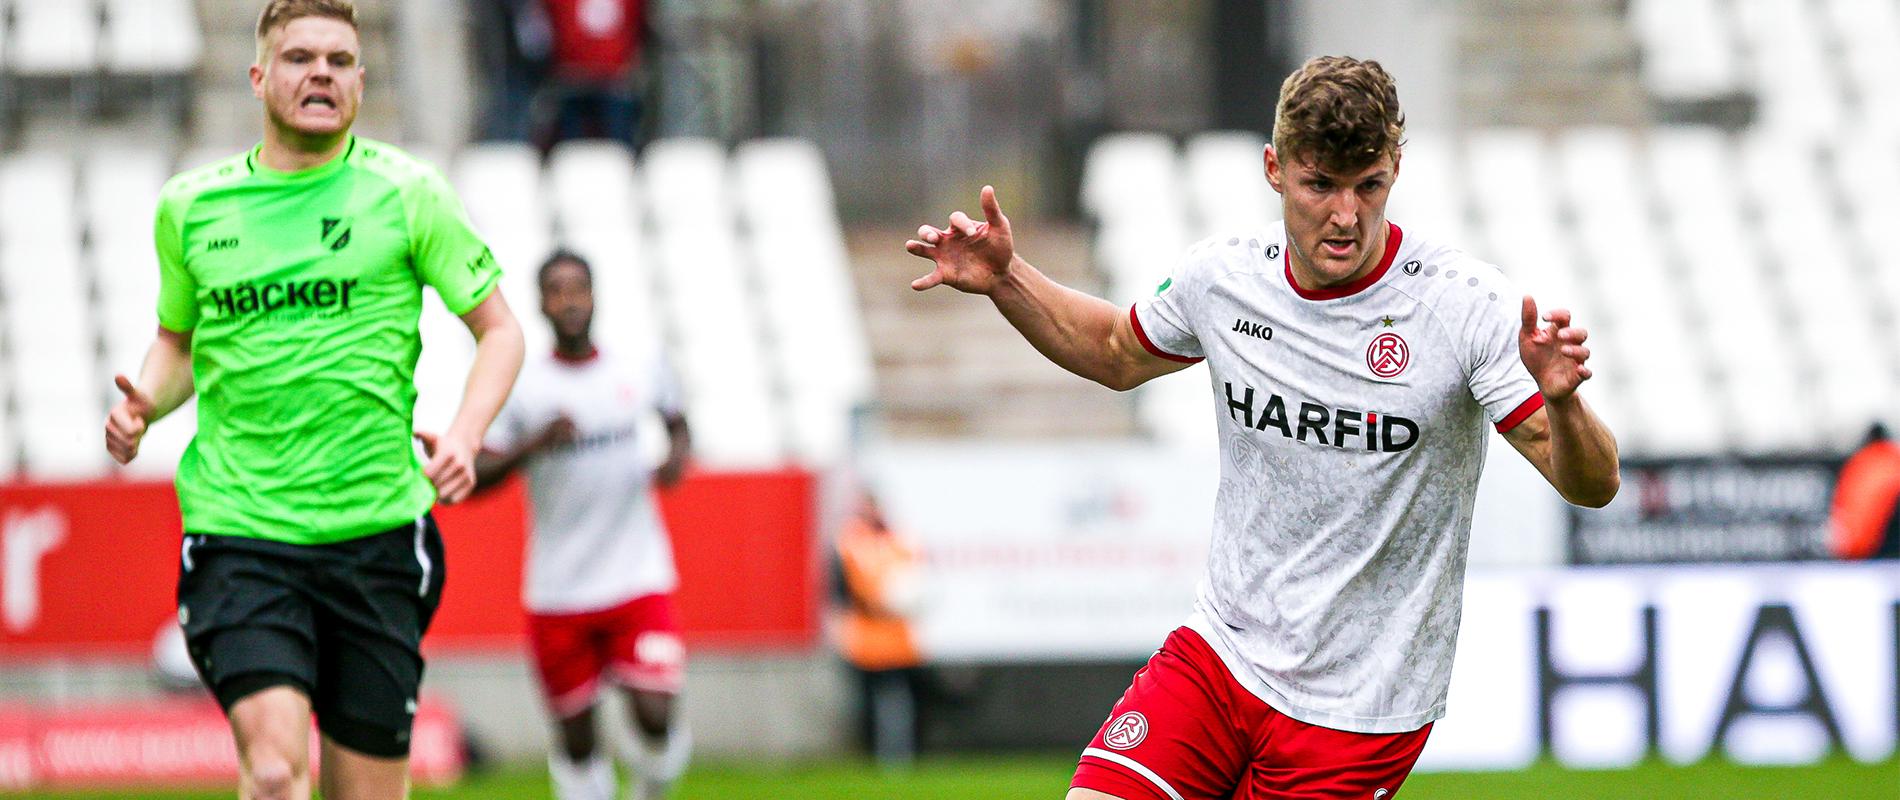 Enzo Wirtz wechselt zum SV Rödinghausen. (Foto: Endberg)